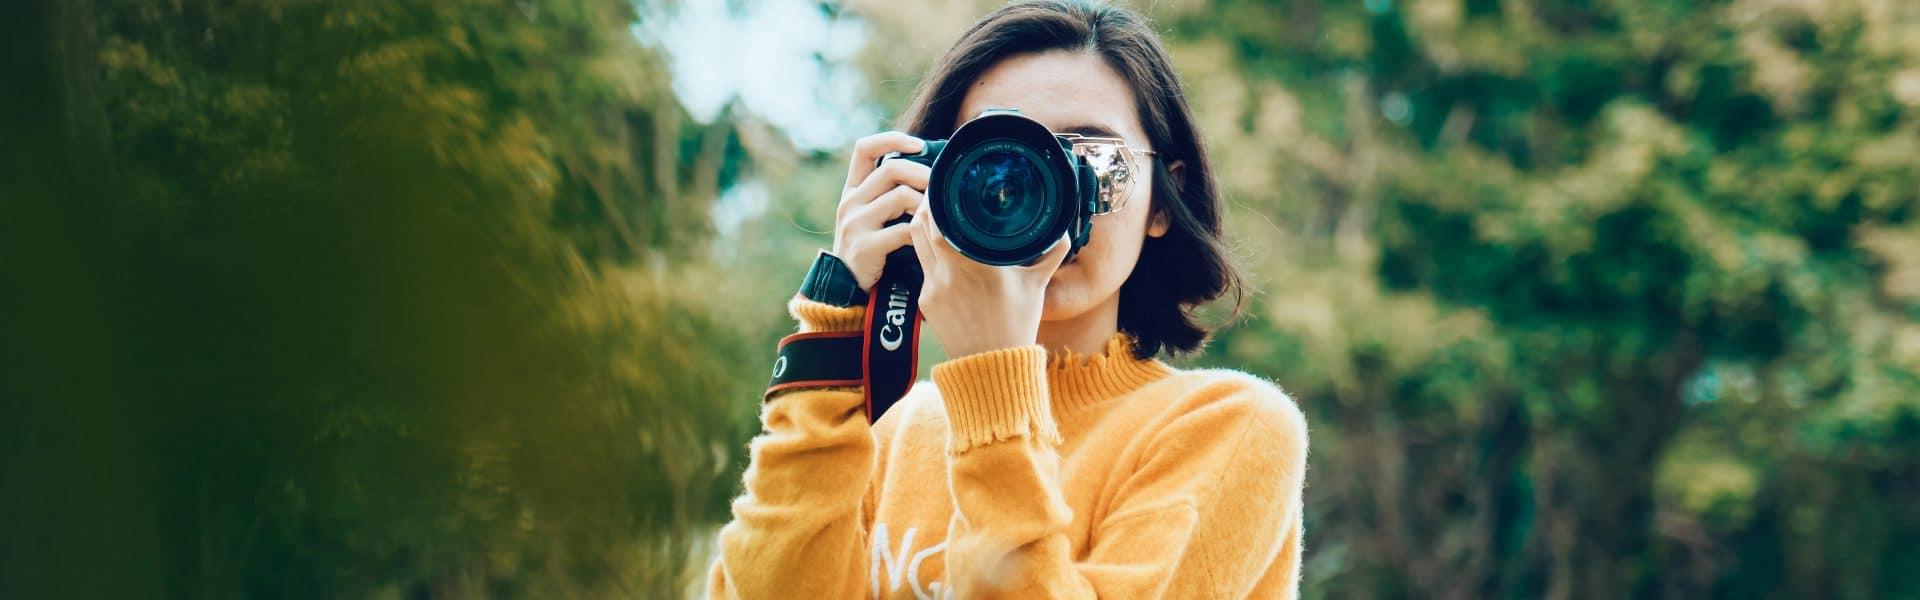 Membidik Foto (marcoxu)